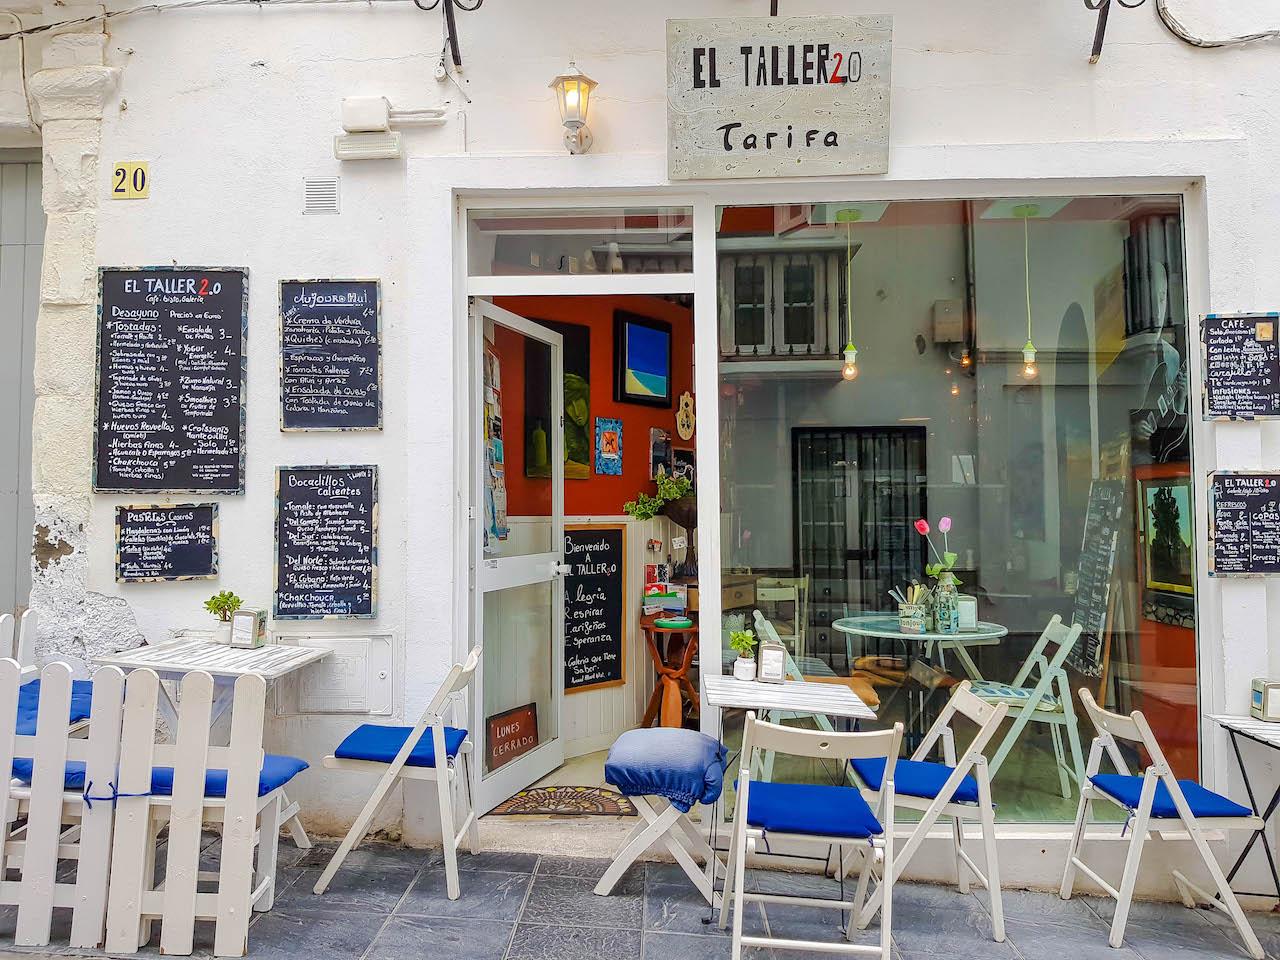 Café in Tarifa.